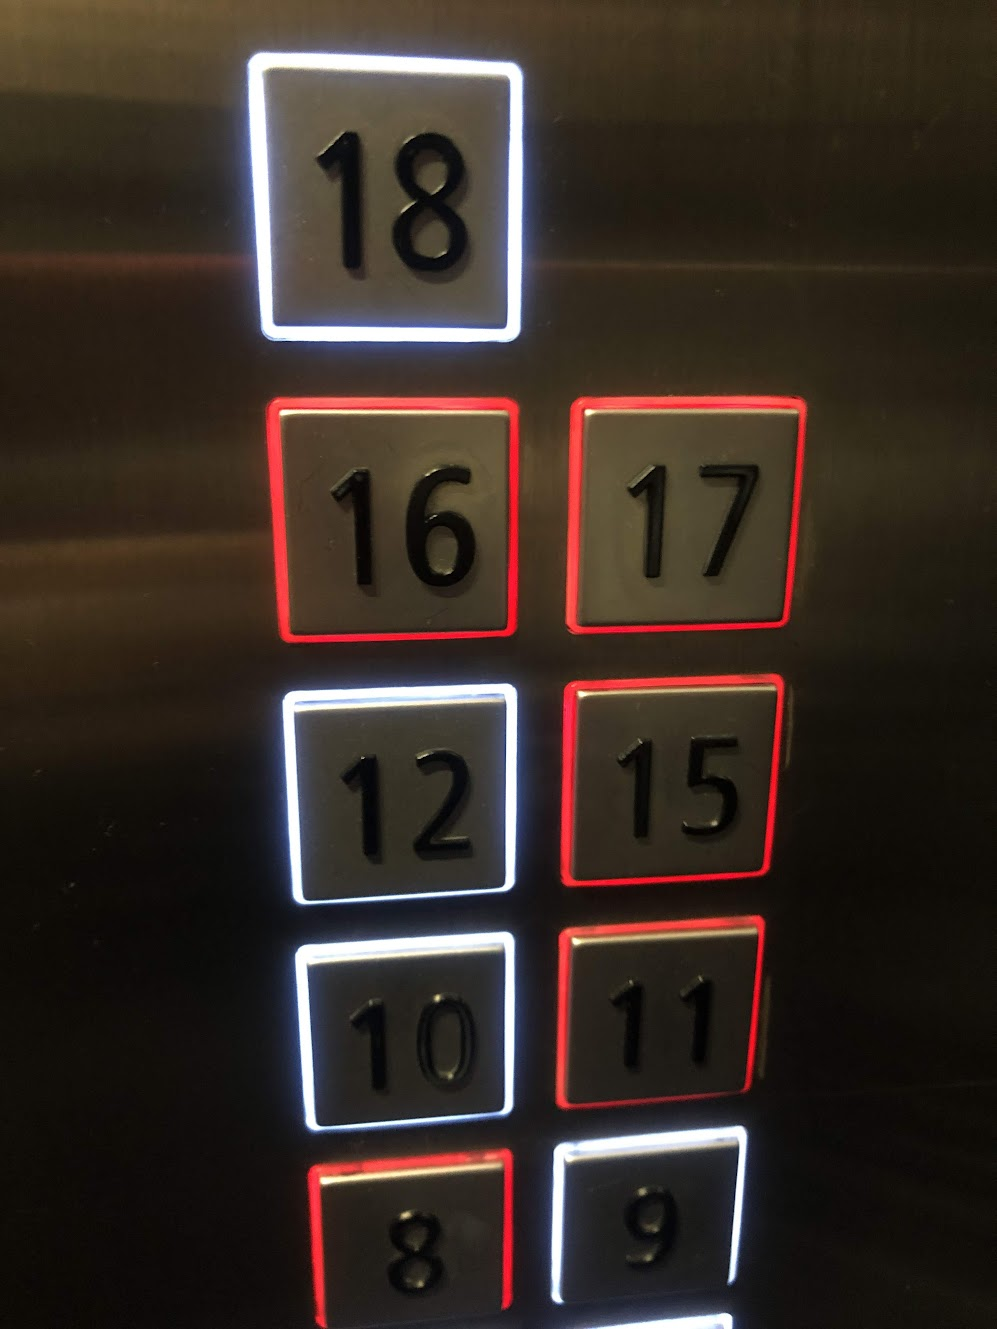 엘레베이터 버튼의 색깔